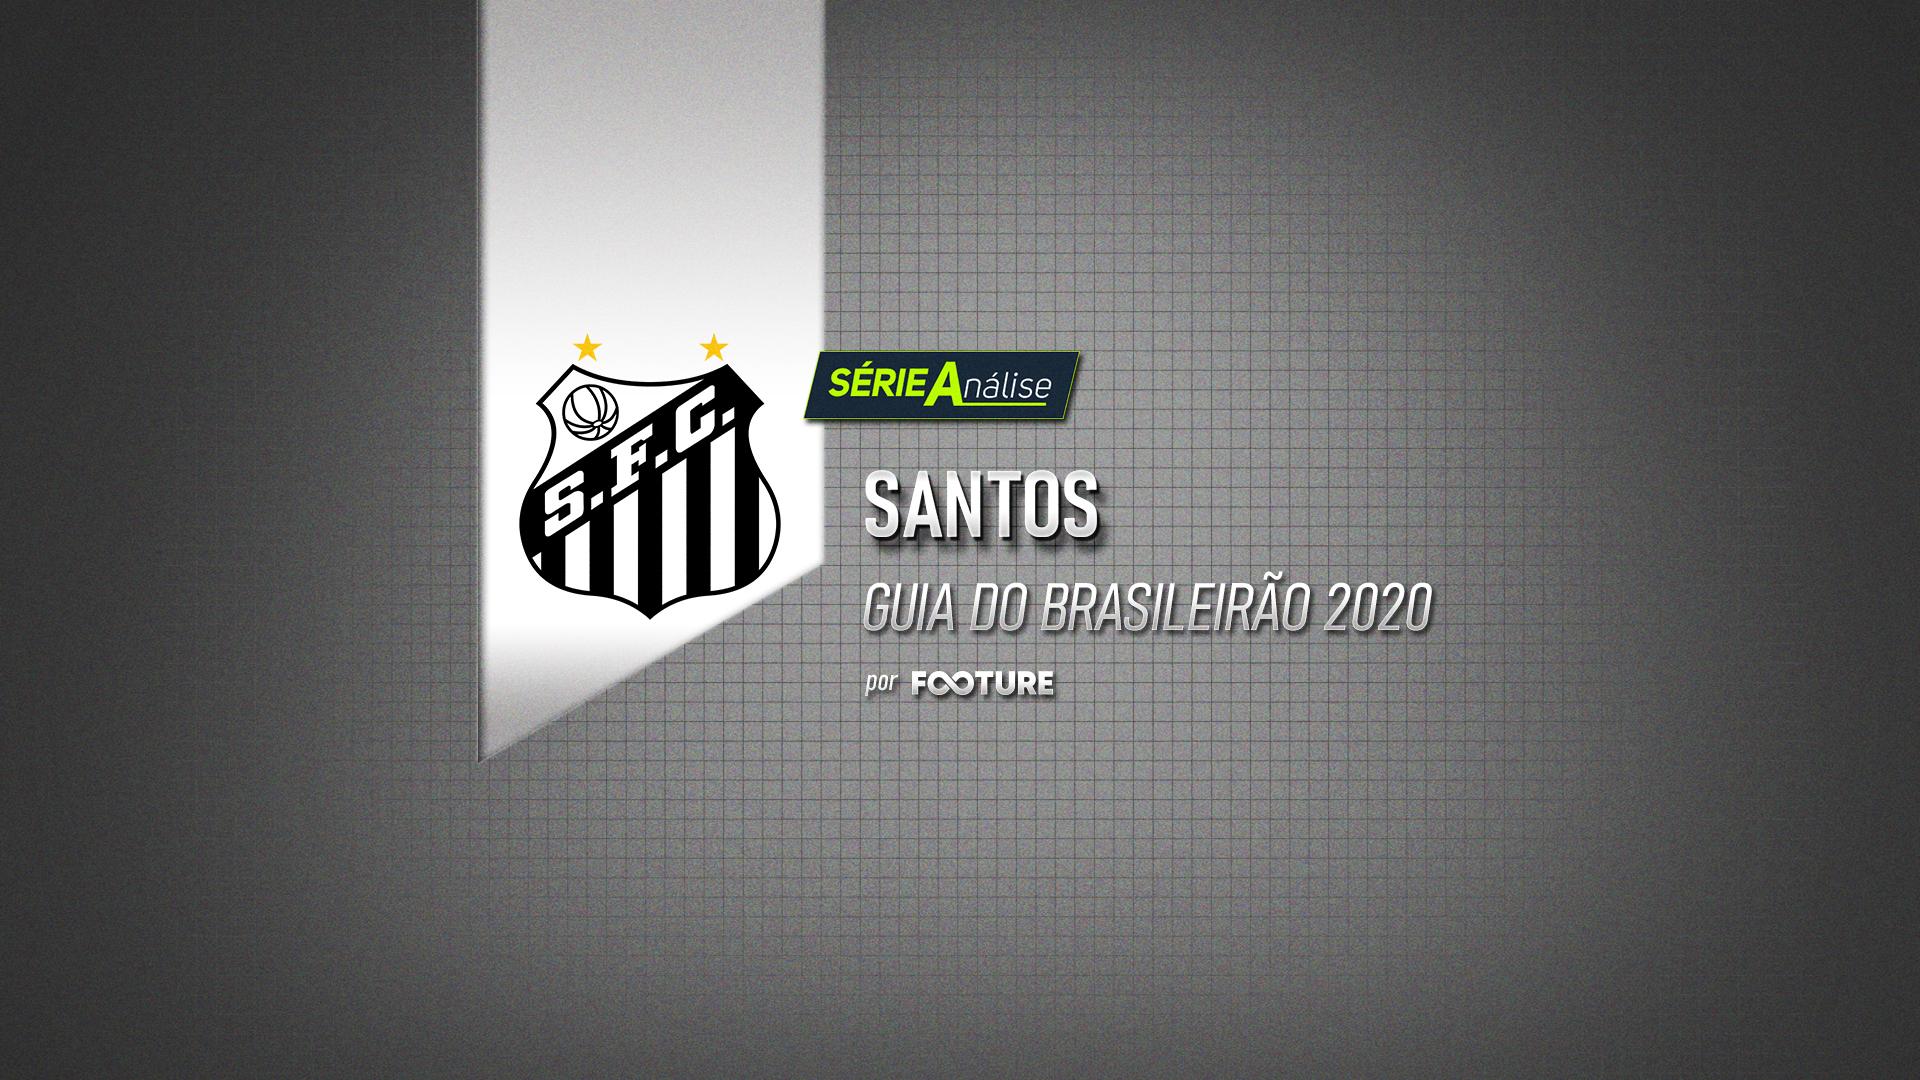 Guia do Brasileirão 2020 – Santos